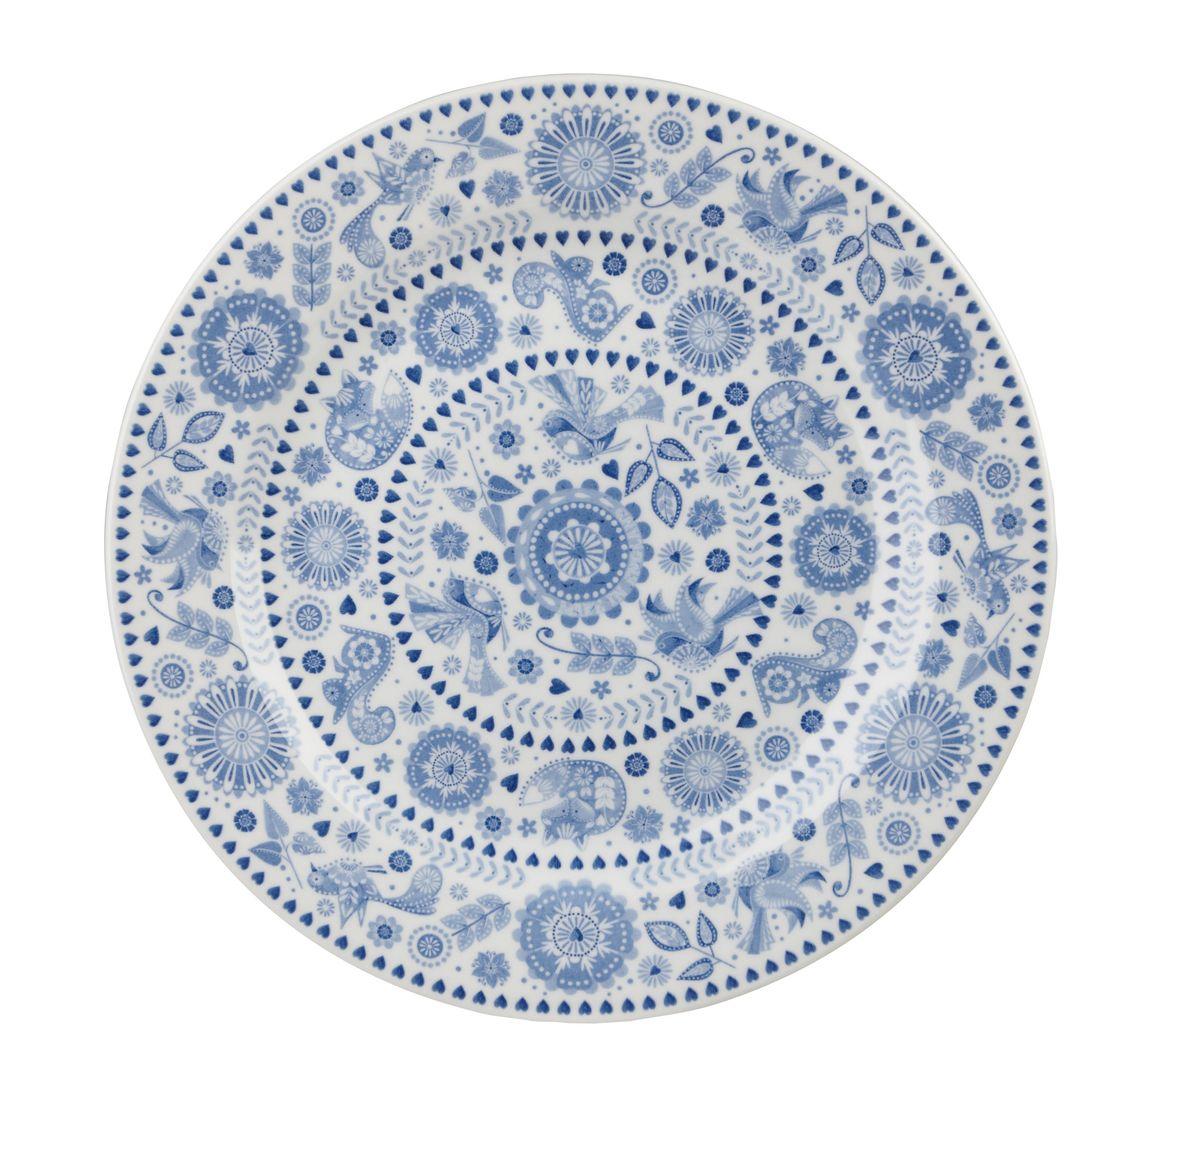 Тарелка десертная Churchill, диаметр 20 см. PENZ00161PENZ00161Коллекция Penzance - классическое сочетание синего и белого с народным дизайном. Материал: фарфор, фаянс, керамика. Можно мыть в посудомоечной машине Можно использовать в микроволновой печи